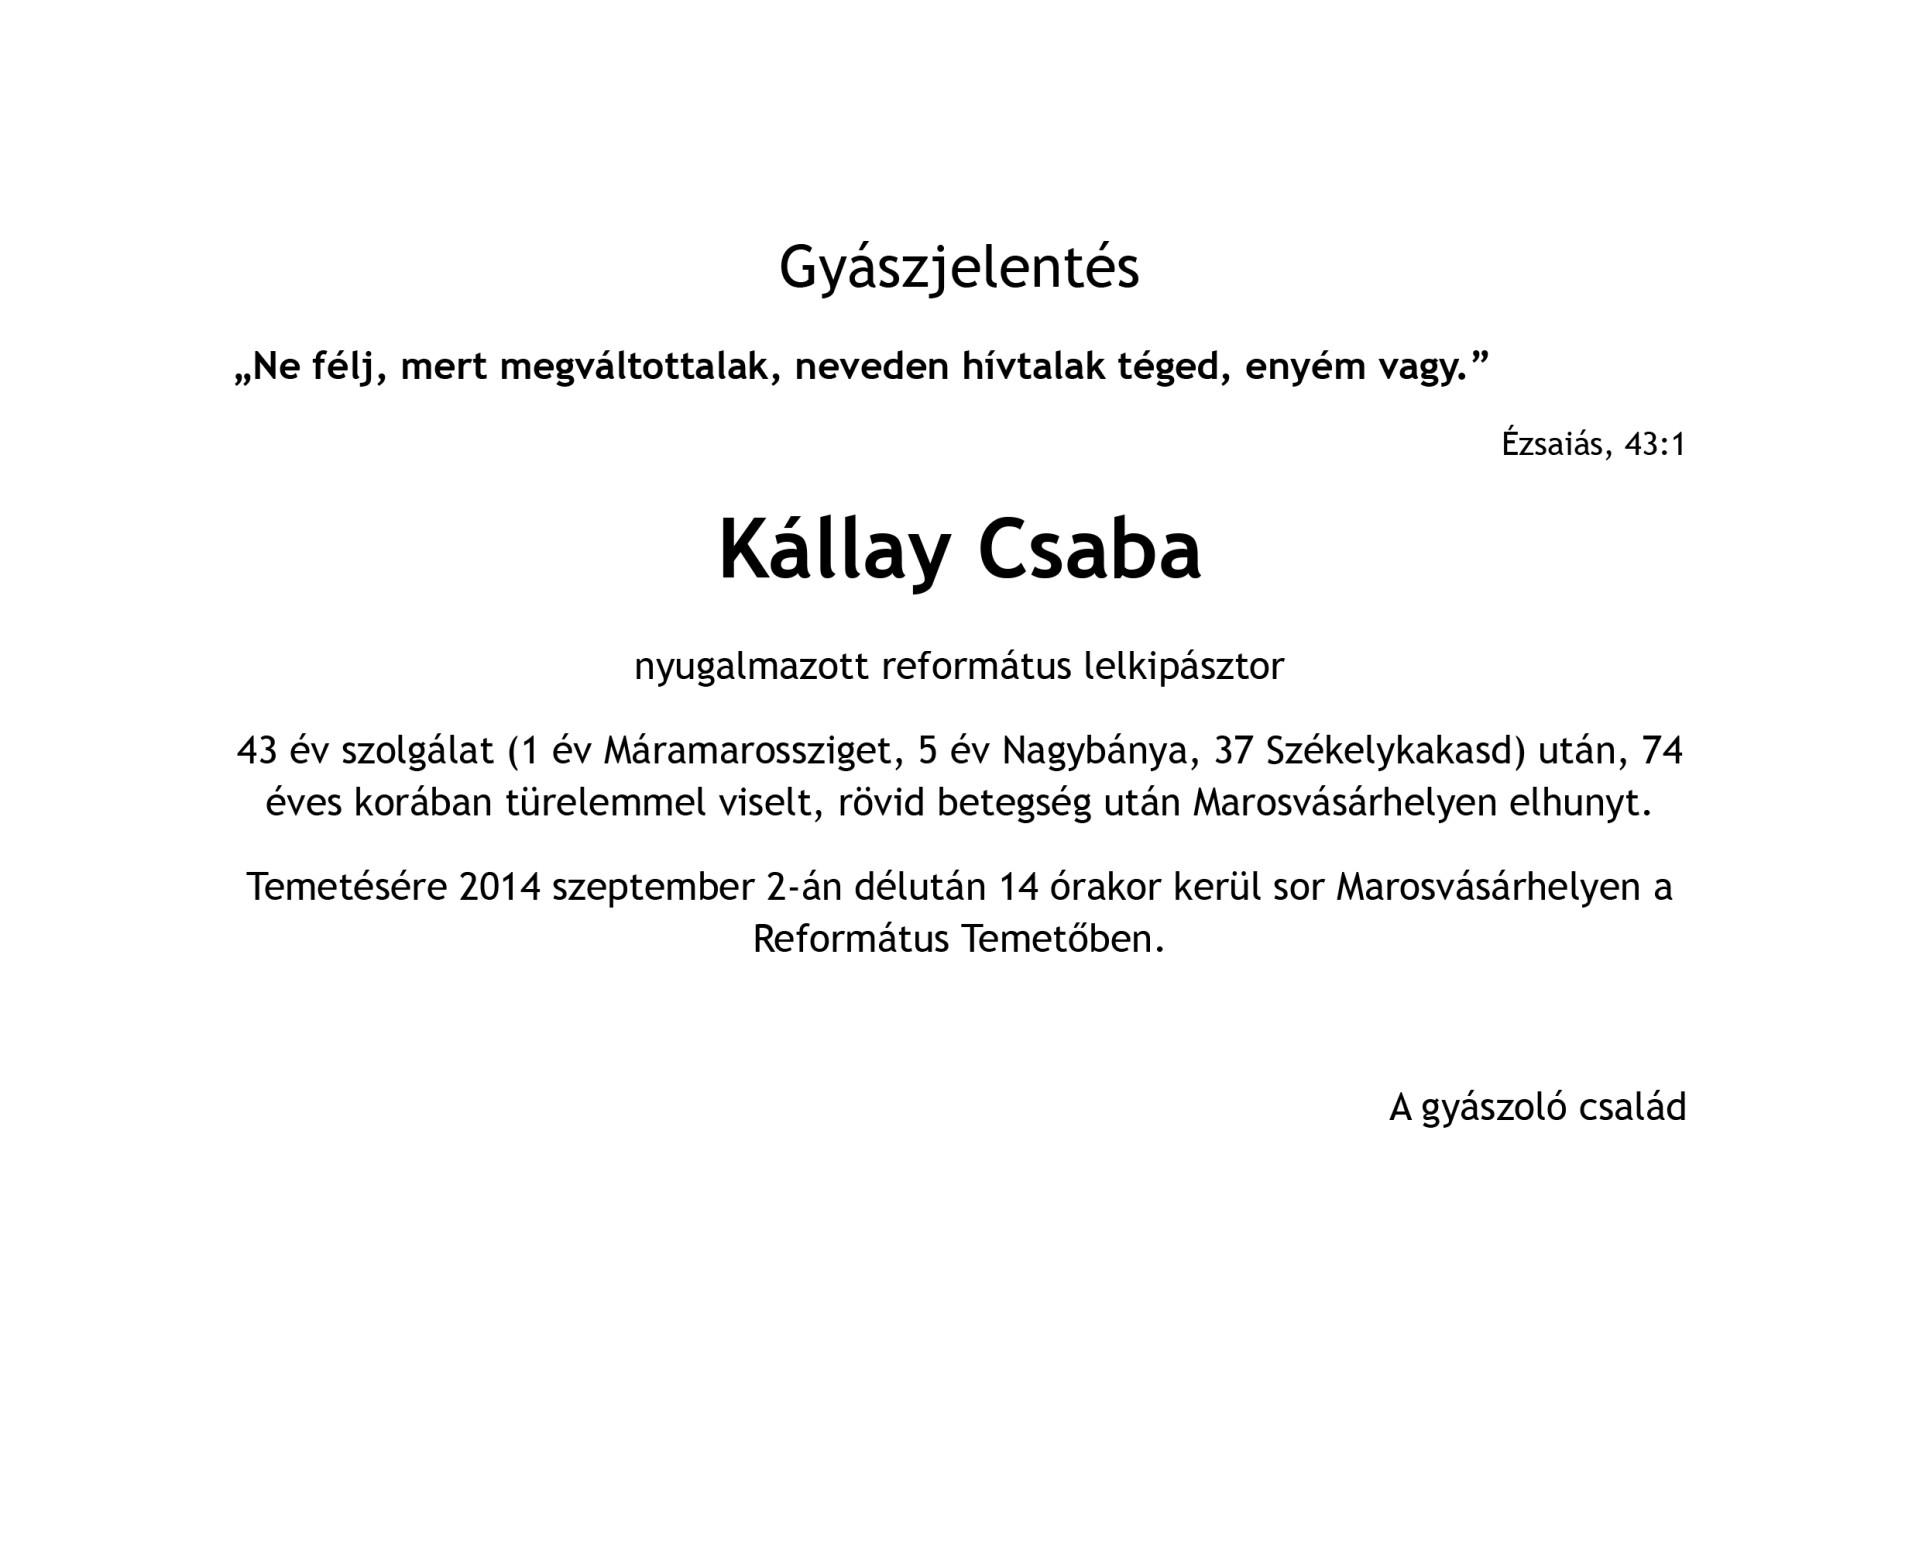 Gyászjelentés - Kállay Csaba nyugalmazott lelkipásztor